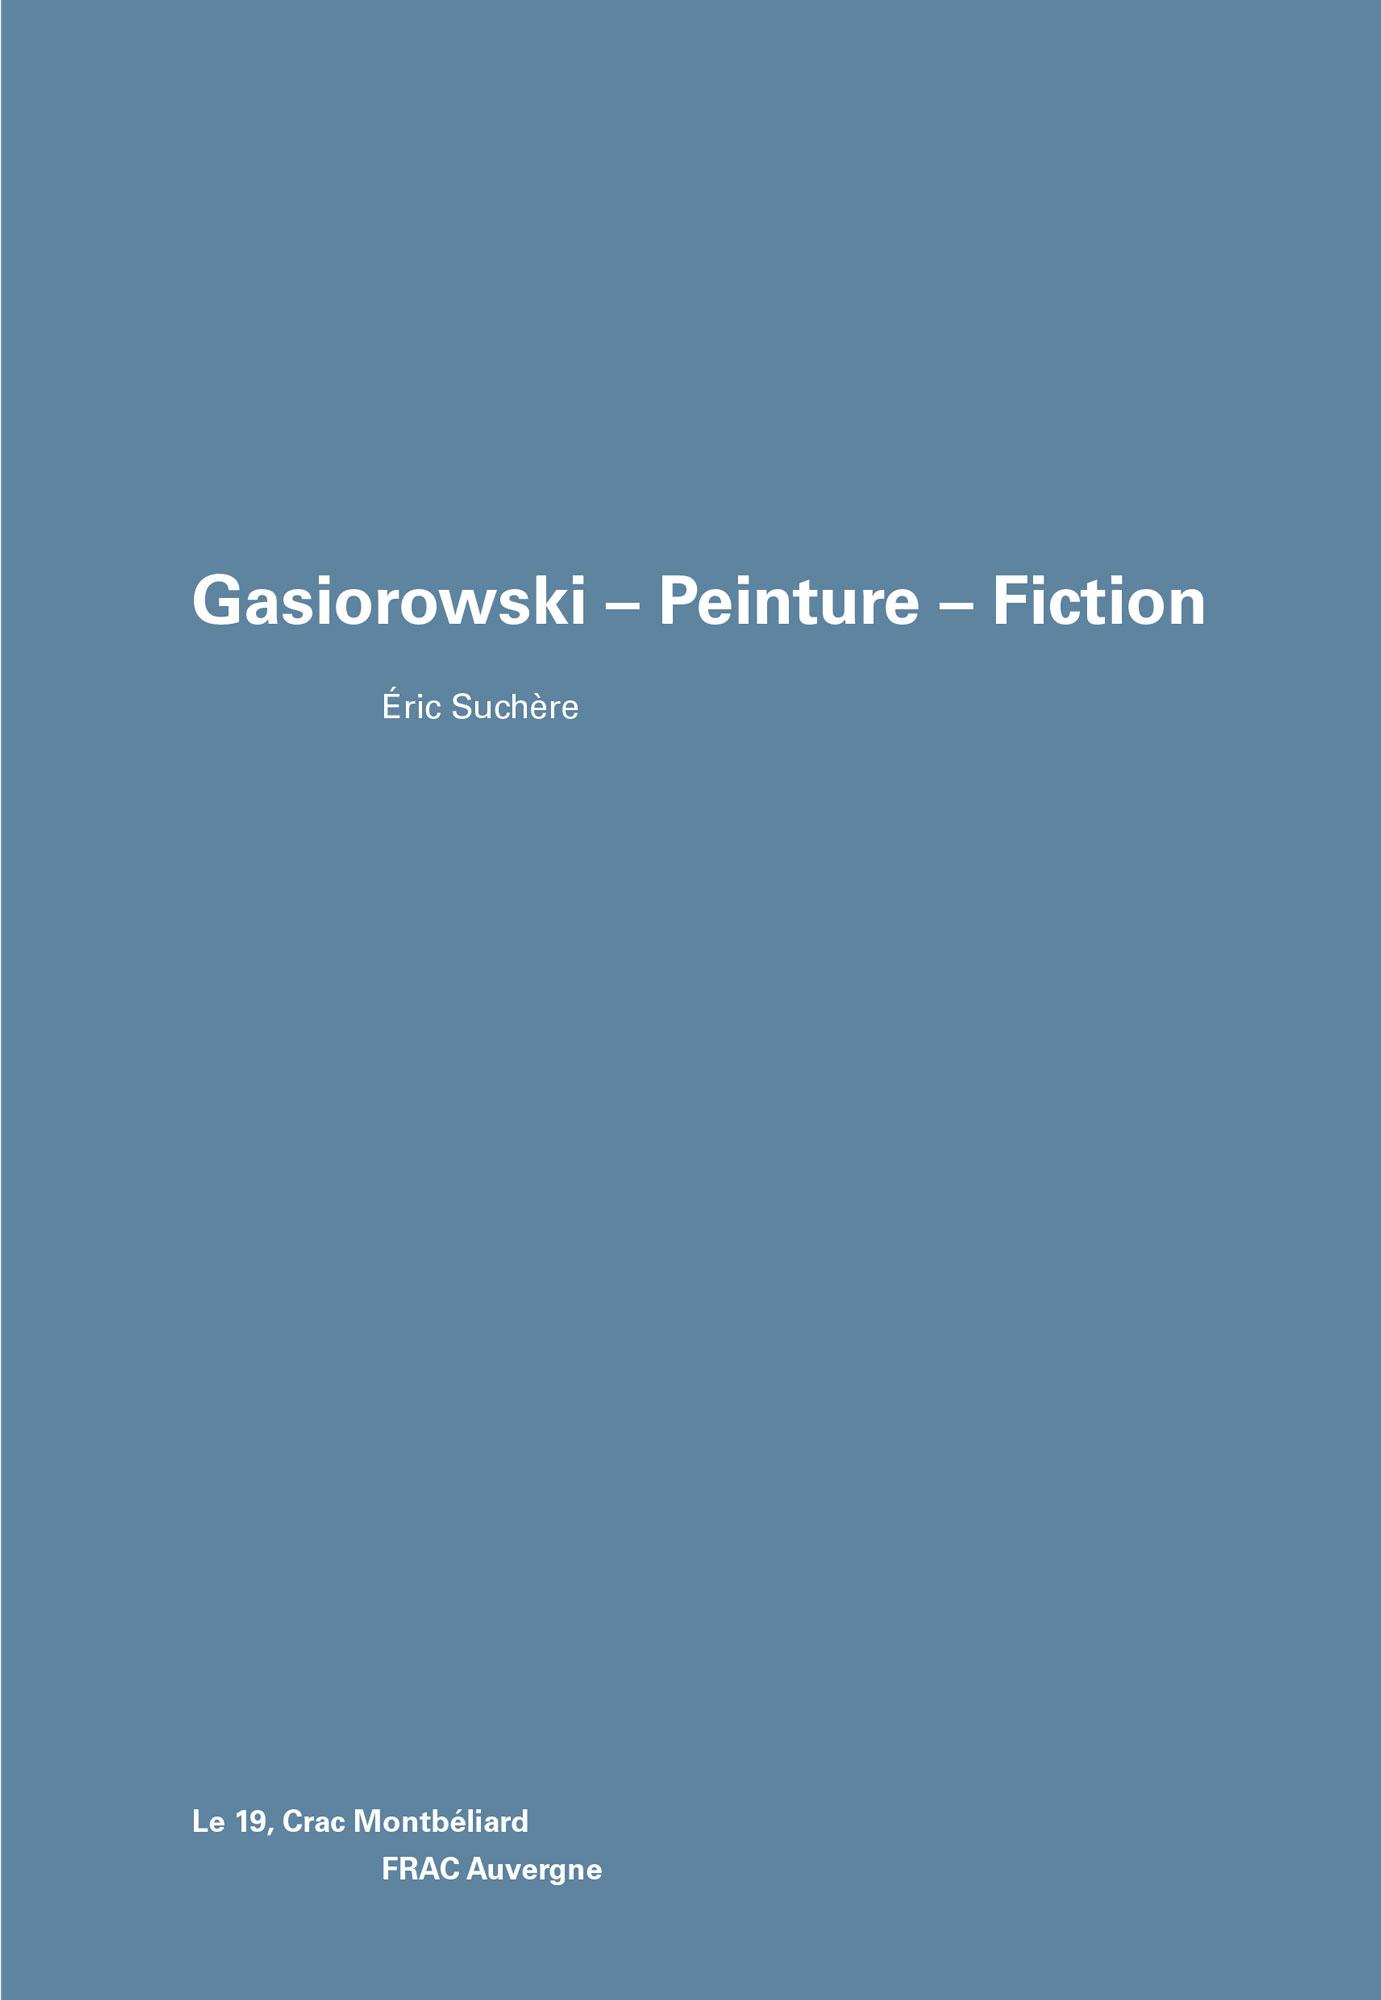 Gasiorowski – Peinture – Fiction